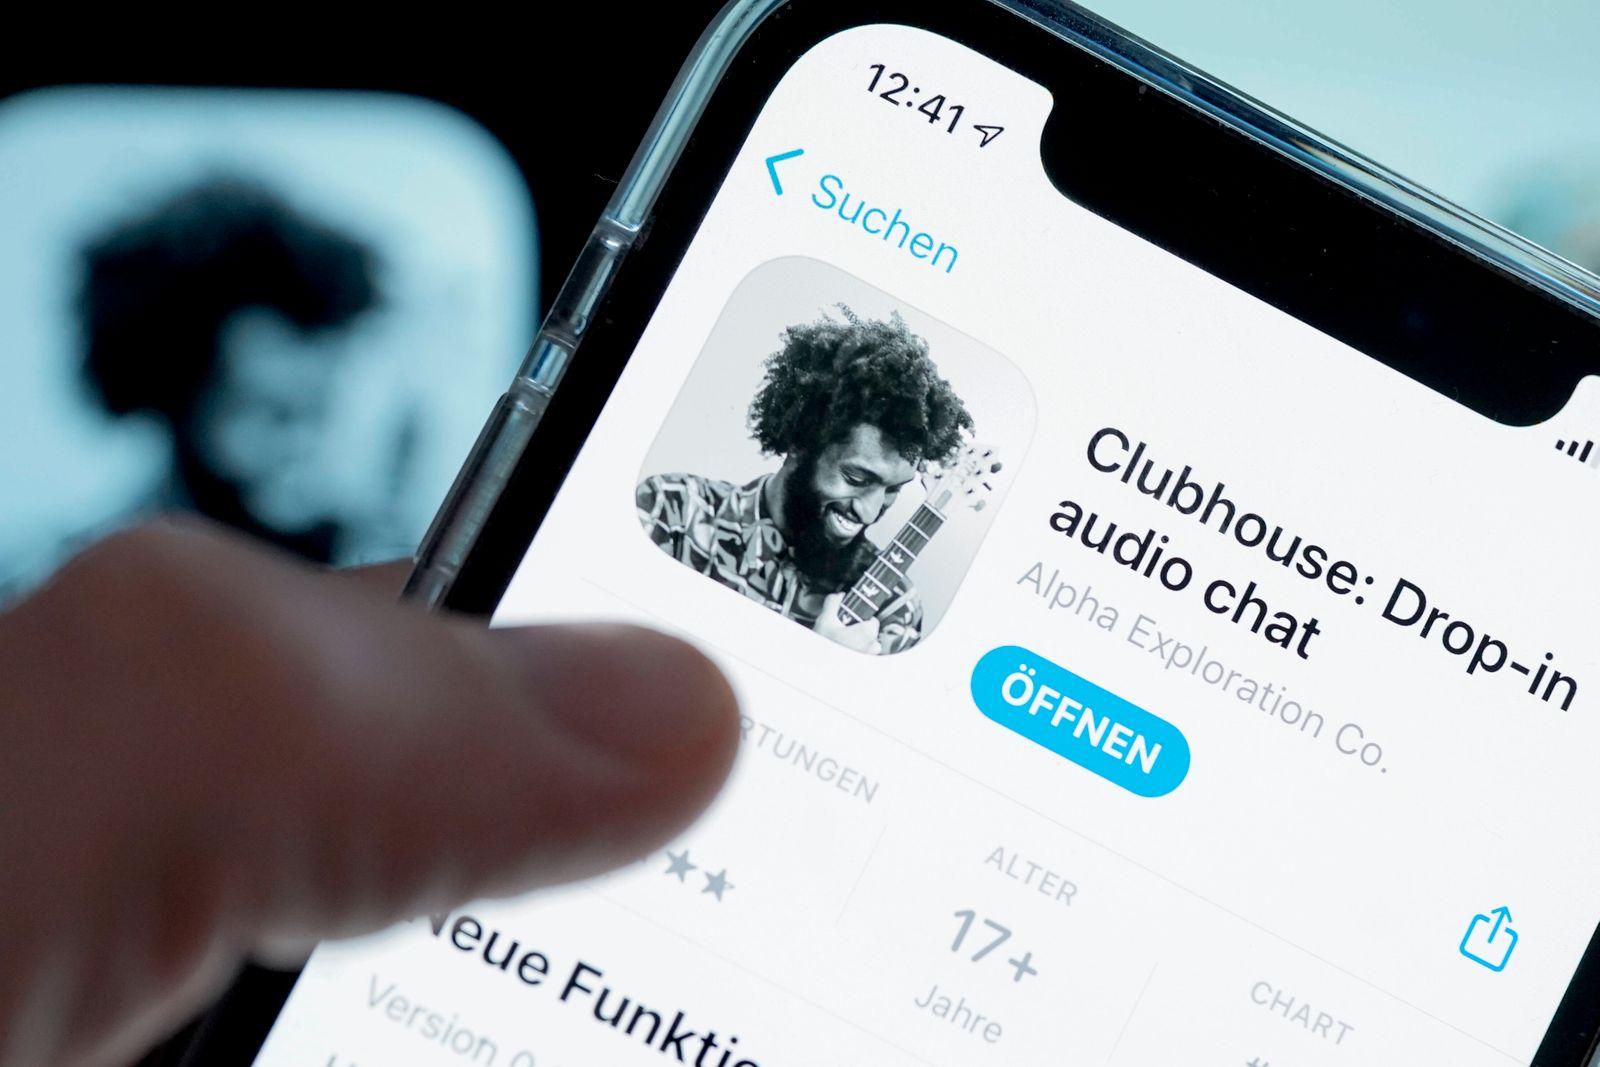 Symbolfoto Clubhouse neue Social-Media-App Aktuell, Symbolbild und Logo der neuen Hype und Social-Media-App Clubhouse .